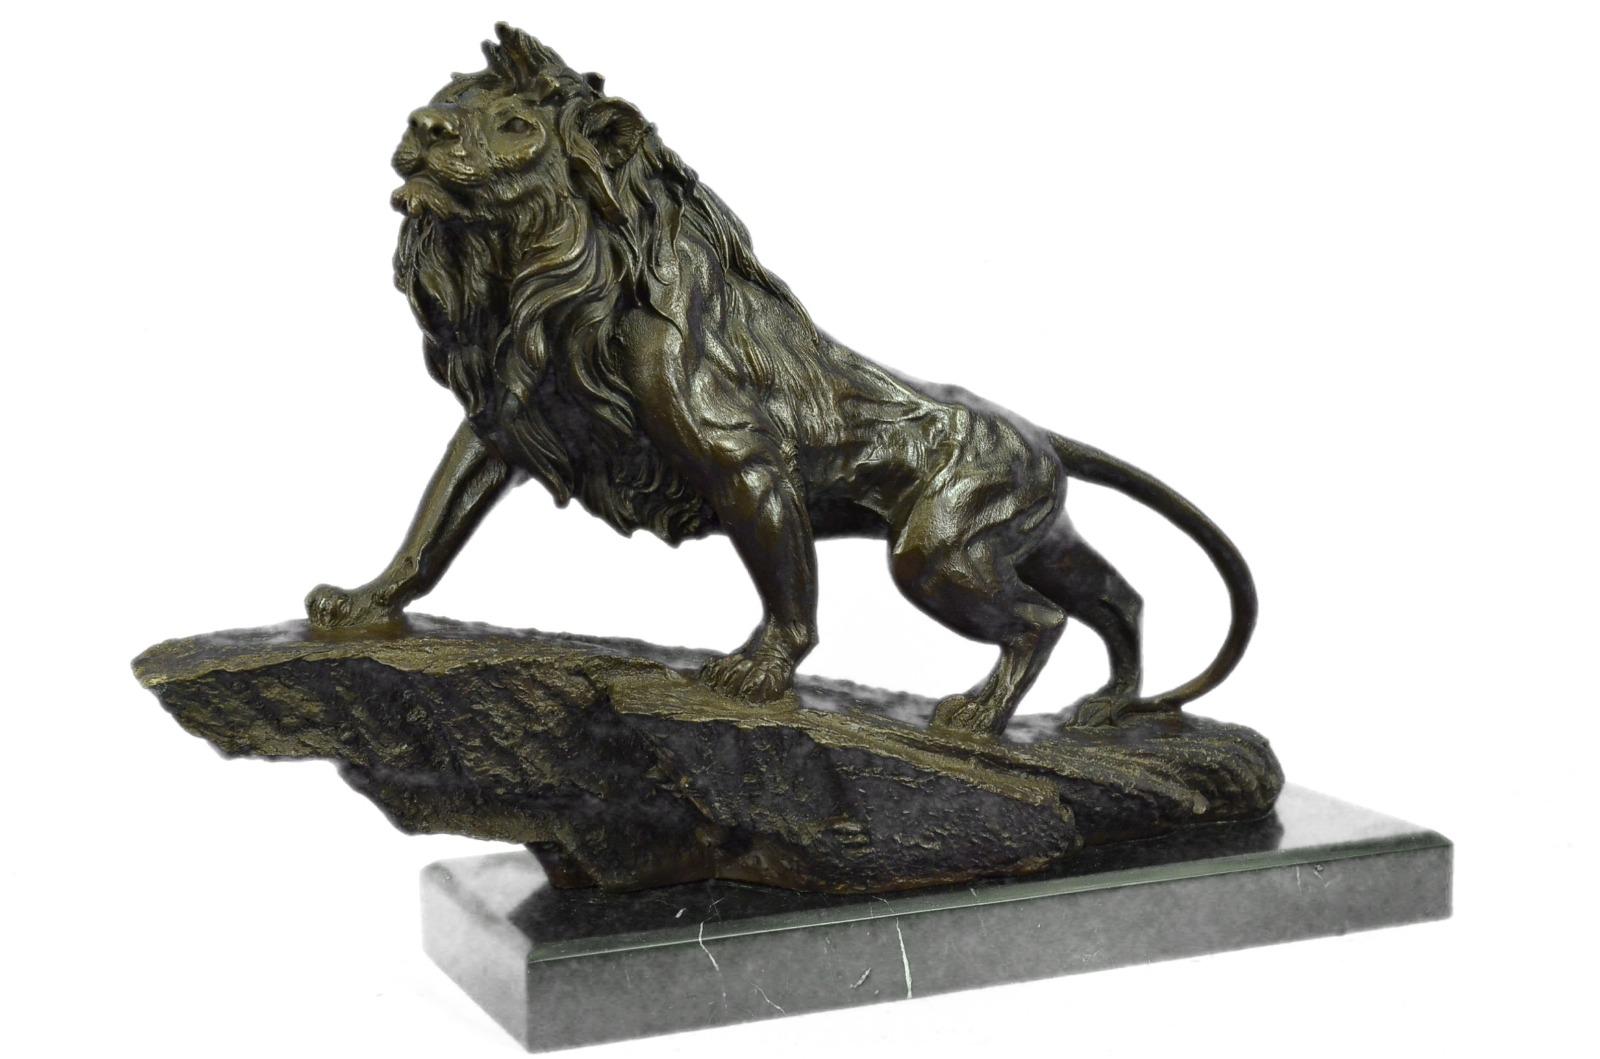 狮子签署了巴列青铜雕塑雕像雕像